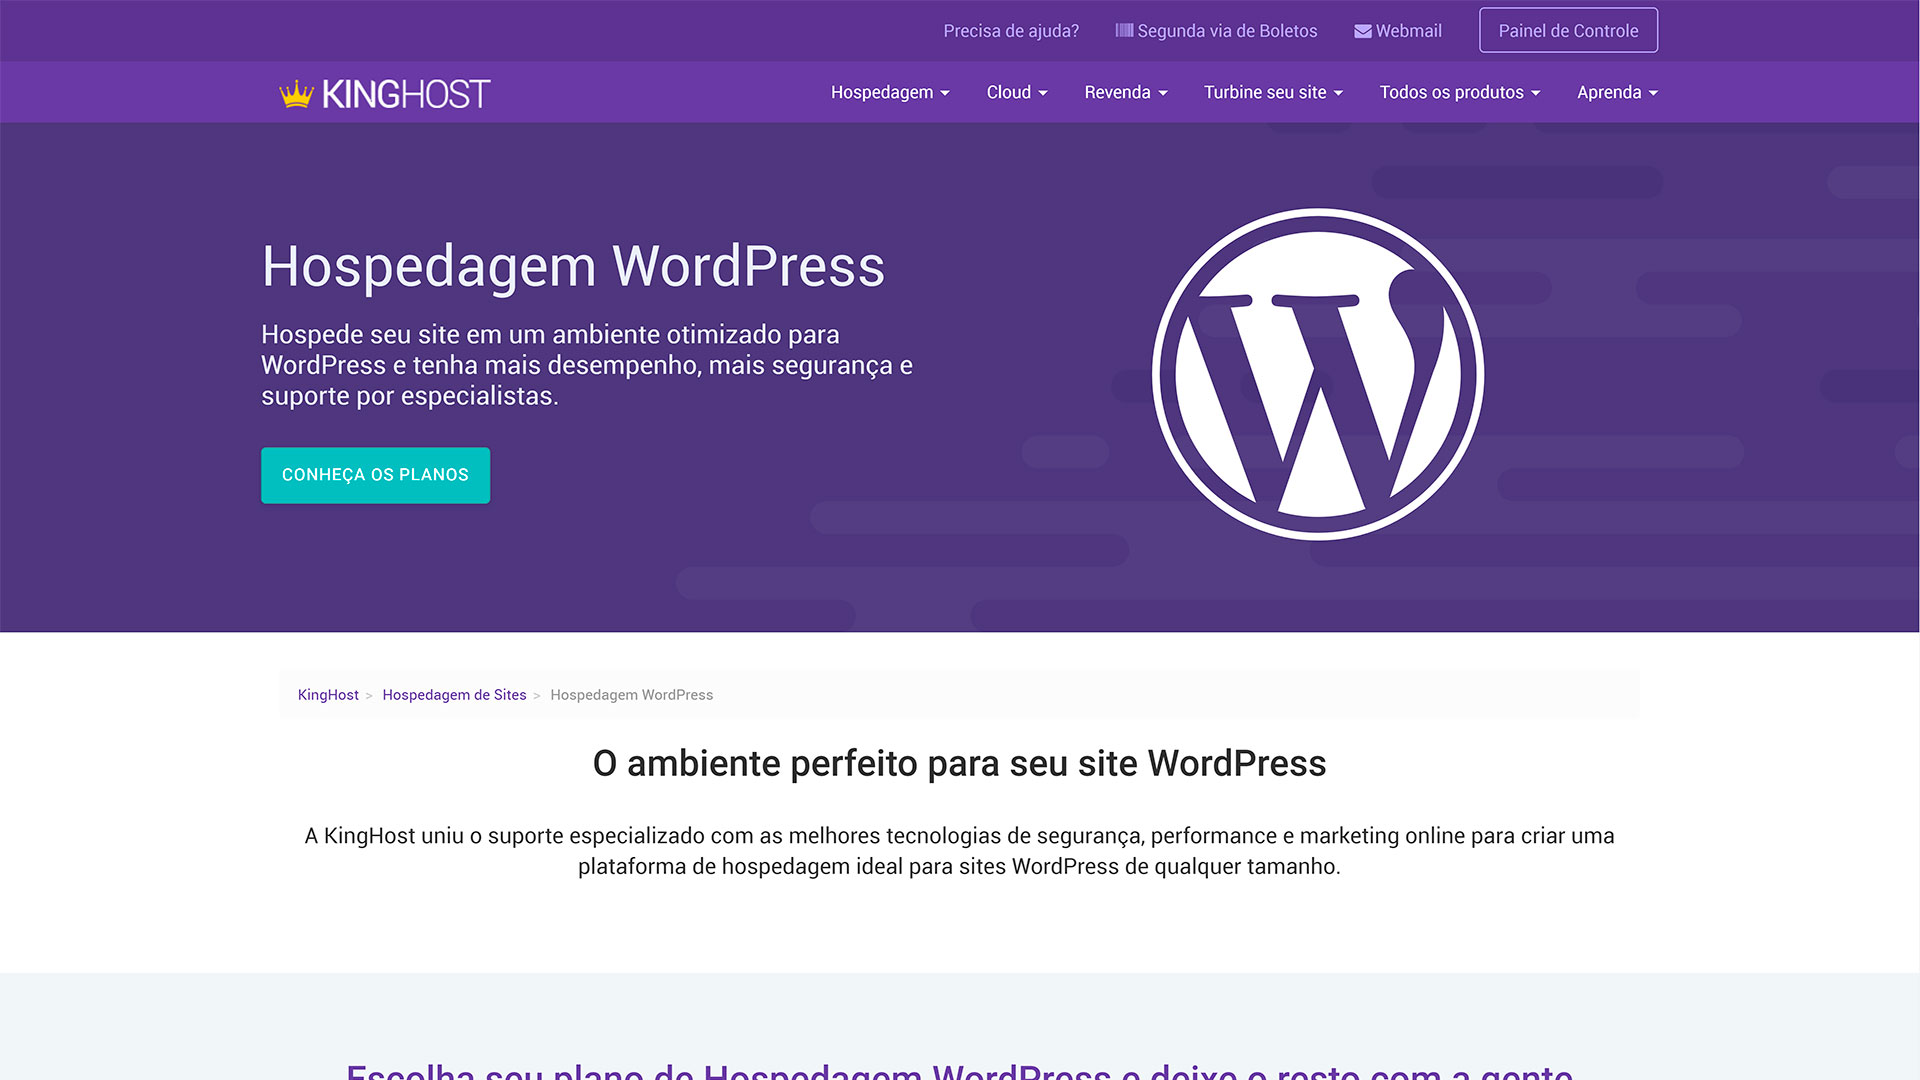 kinghost review hospedagem wordpress